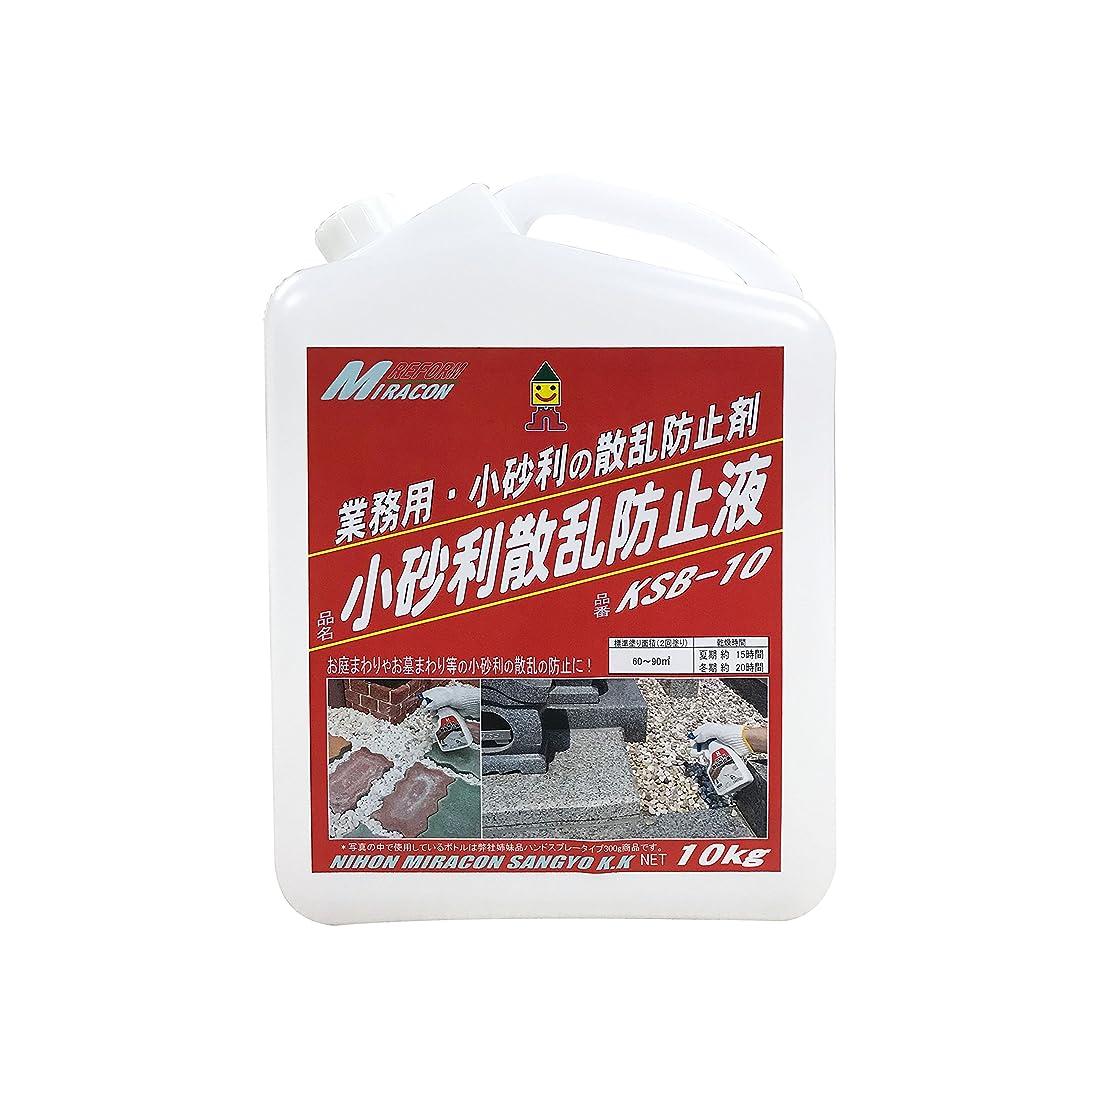 世界的にトイレハブブ日本ミラコン 小砂利散乱防止液 10kg KSB-10